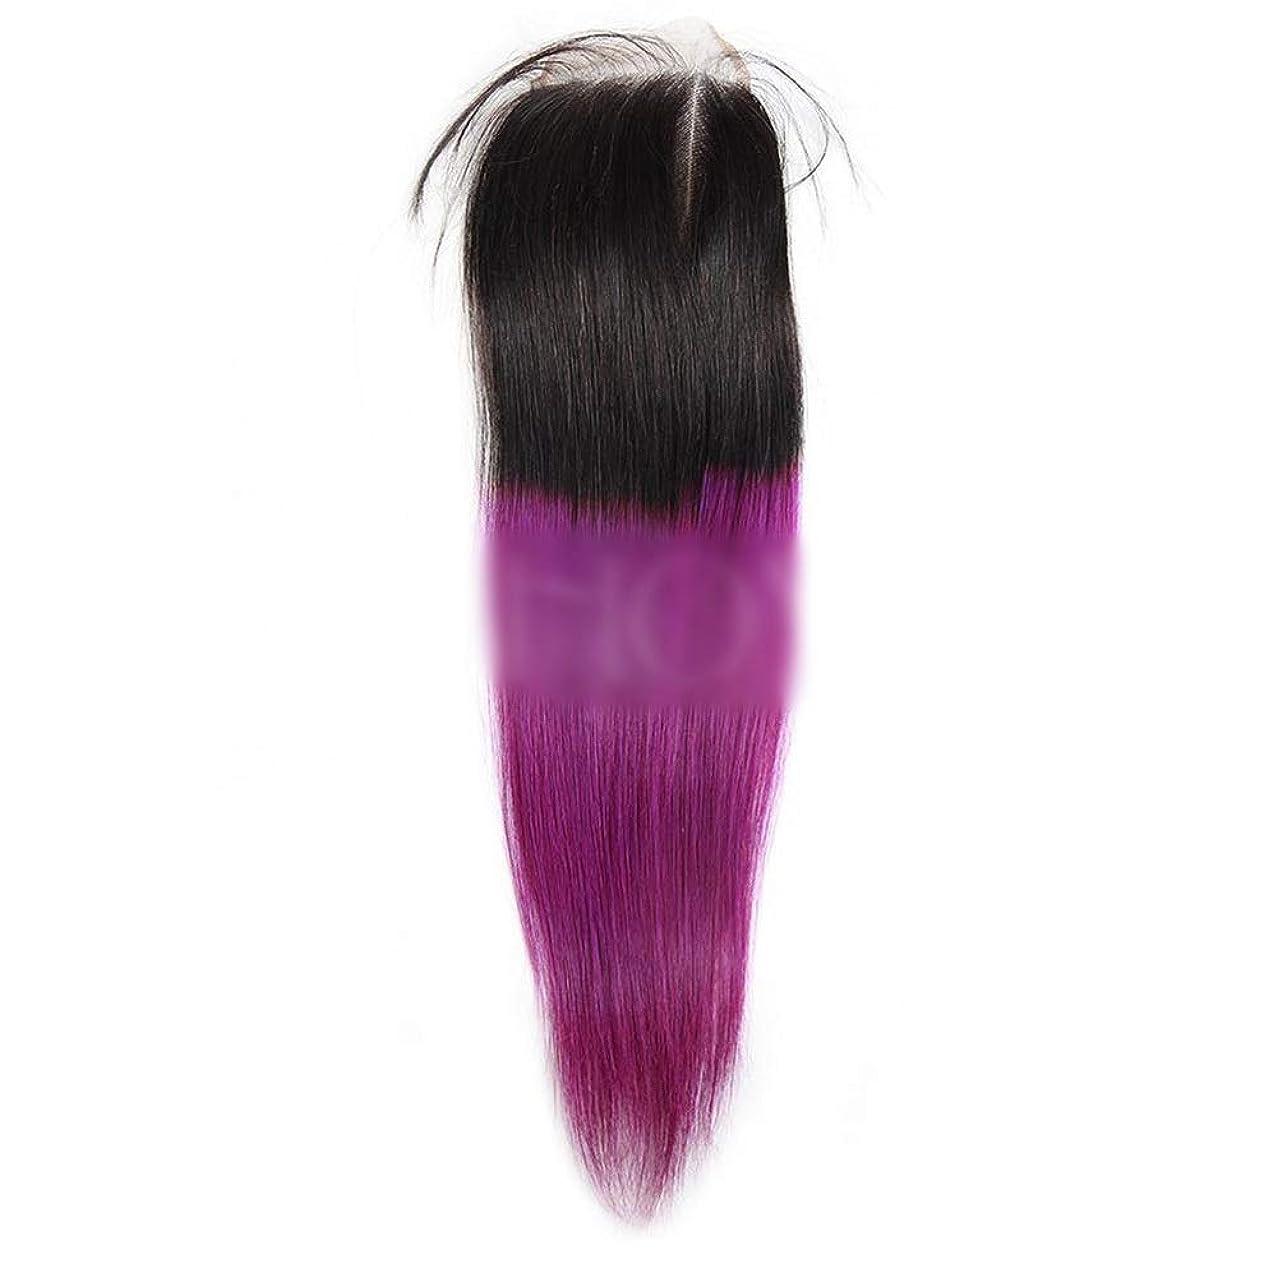 キュービック世紀入植者HOHYLLYA 100%人間の髪の毛のブラジルストレートヘアトリートメント前頭閉鎖T1B /パープル2トーンカラーロールプレイングかつら女性のかつら (色 : Closure, サイズ : 12 inch)